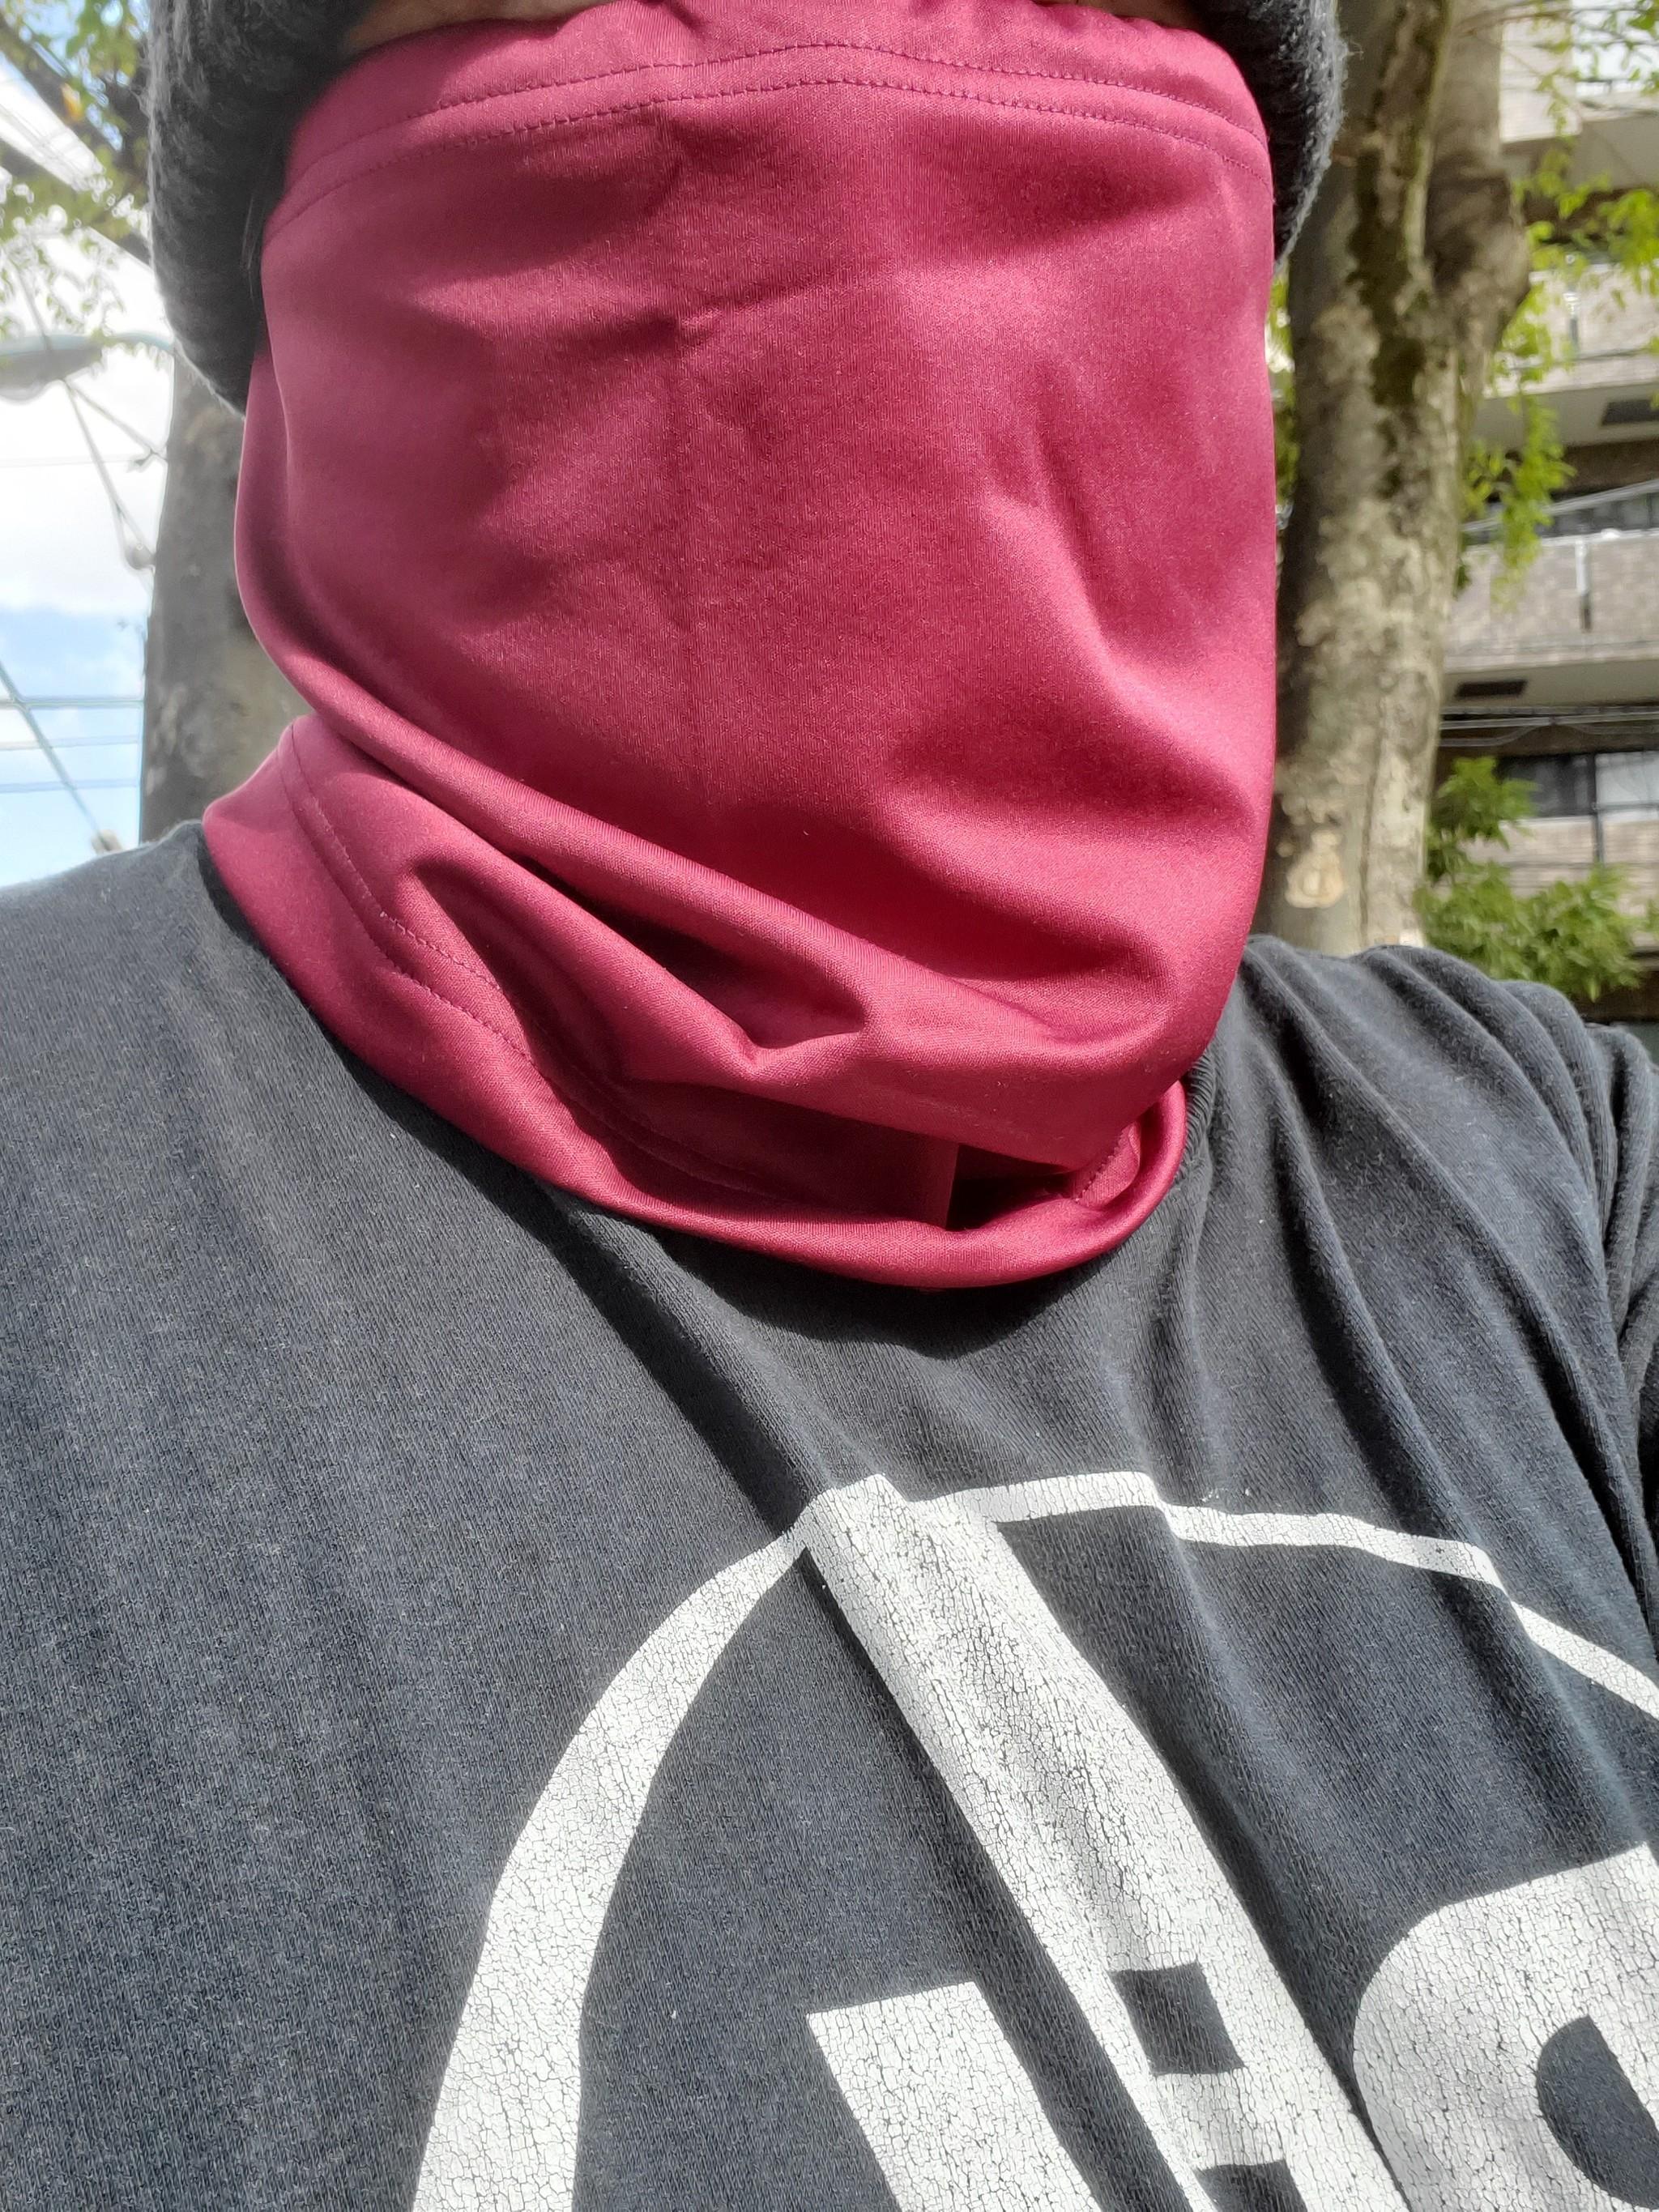 ランニング マスク コロナ